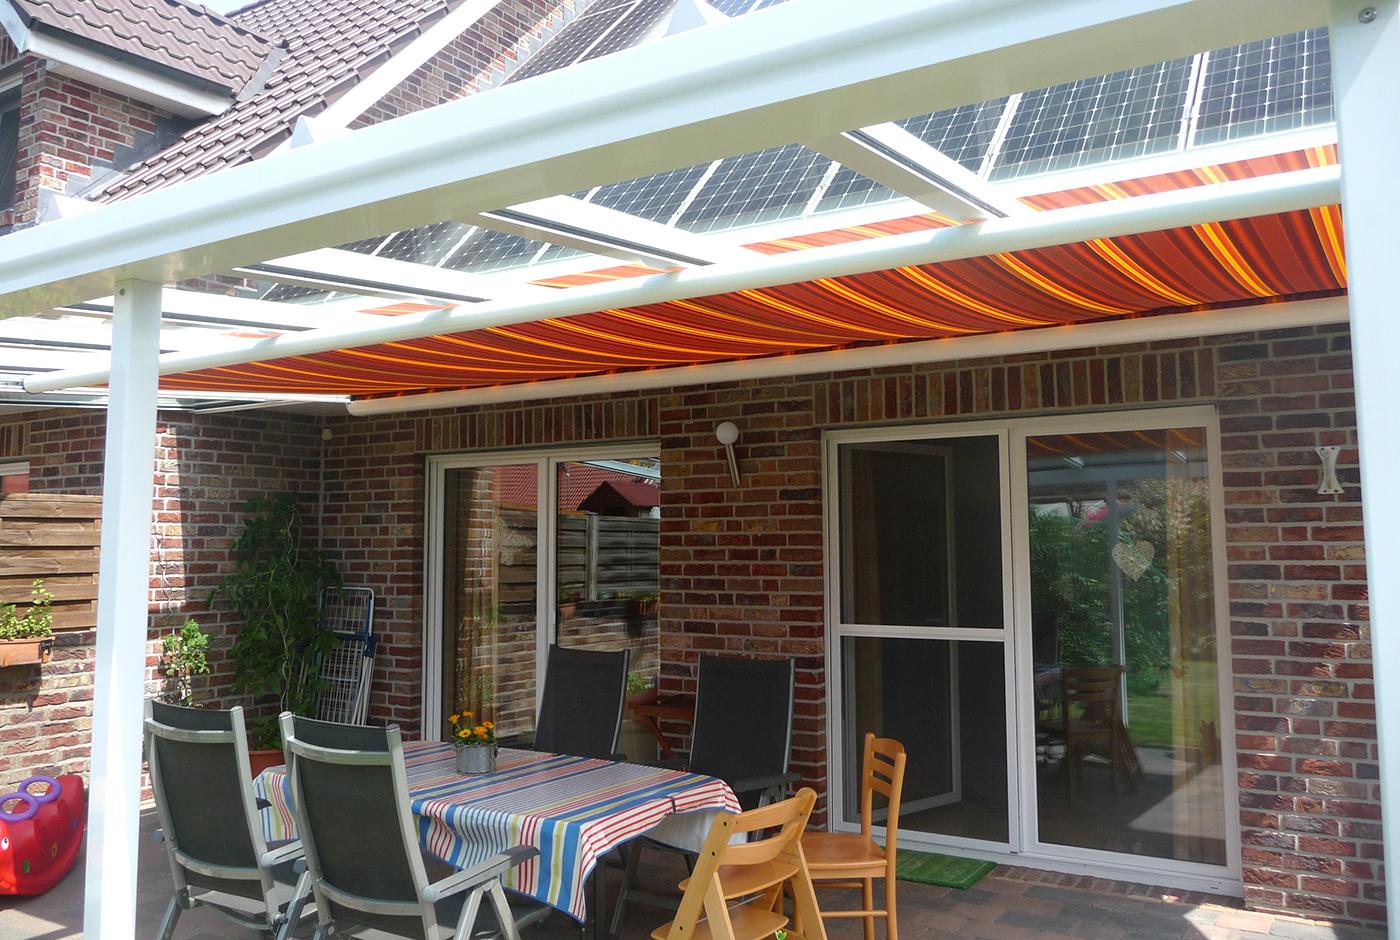 Sympathisch Sonnenschutz Dachterrasse Das Beste Von Markisen-unterglasmarkise-sonne-terrassenueberdachung-gefahren-steda